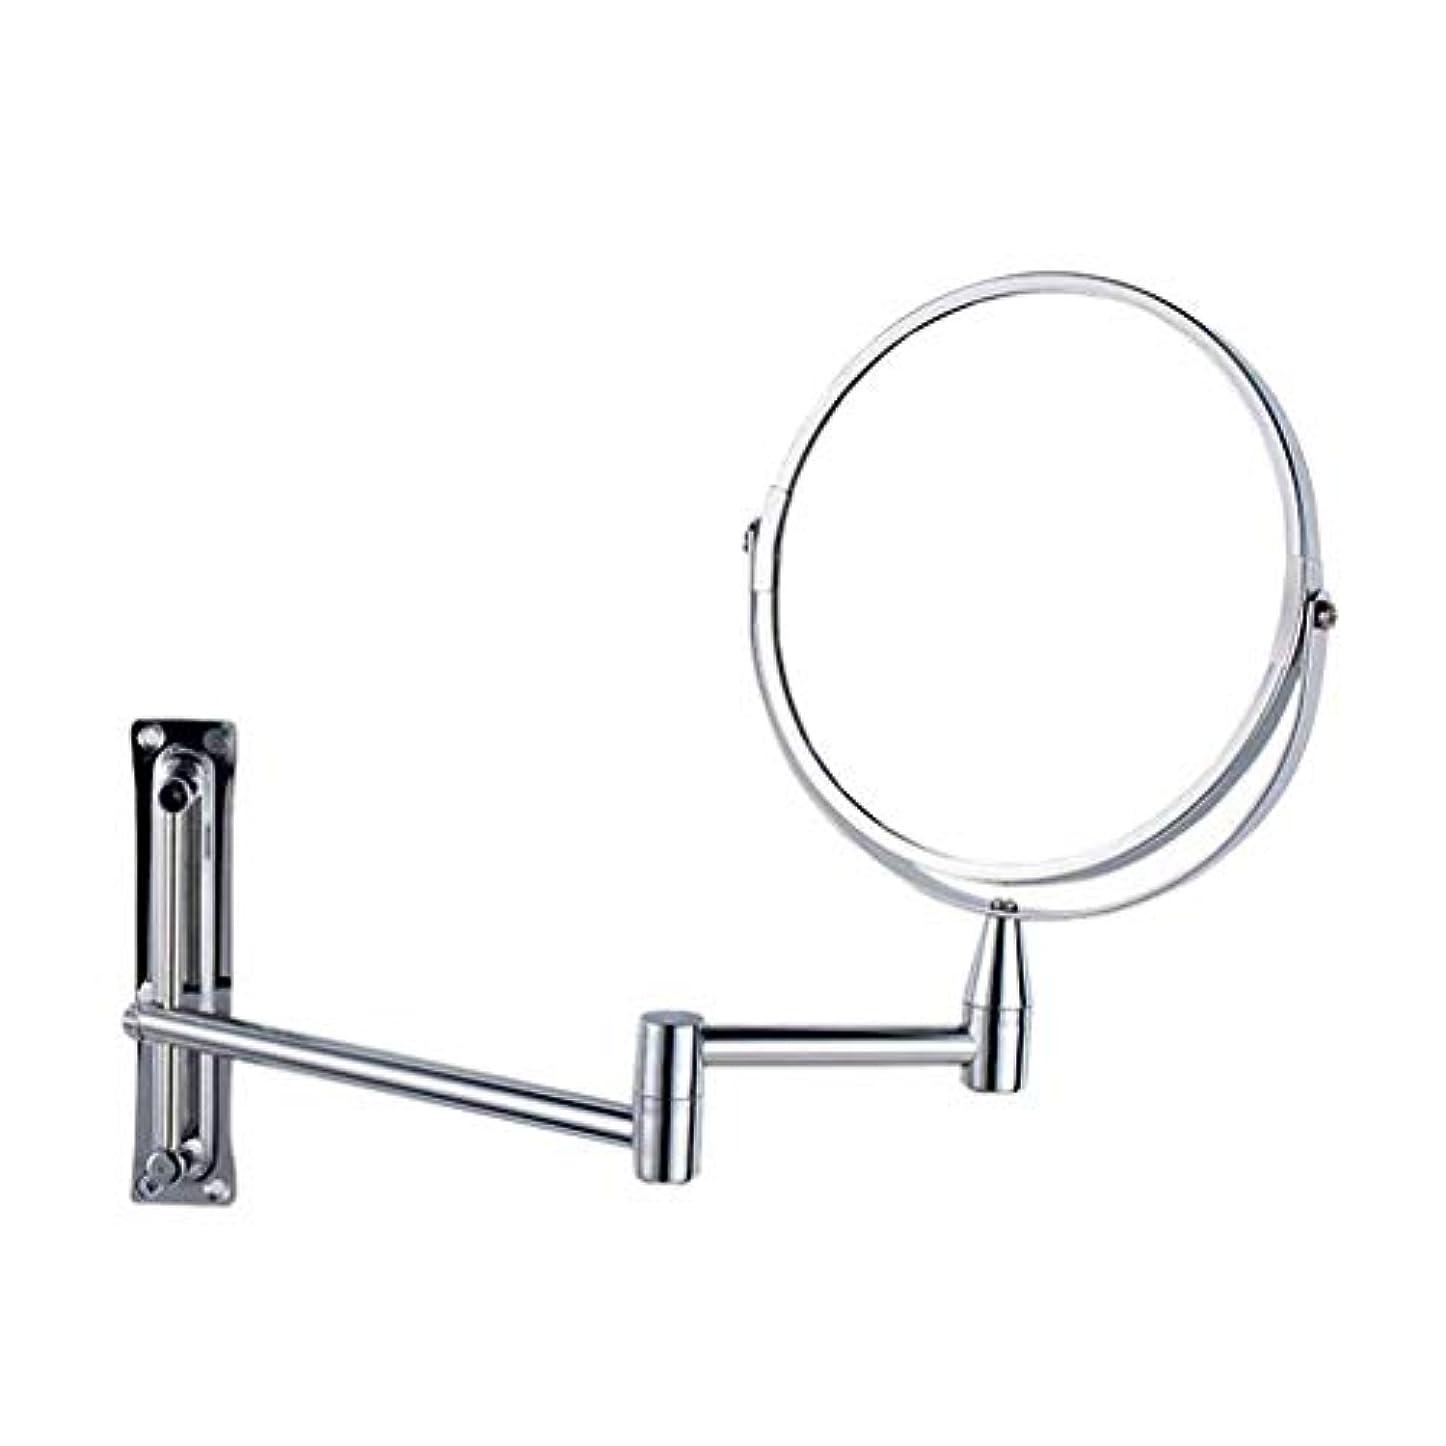 ACMEDE 両面化粧鏡 壁付け 折りたたみ 5倍拡大鏡+等倍 360度回転 伸縮可能 壁付けミラー 洋式アームミラー メイク道具 洗面所に取り付け